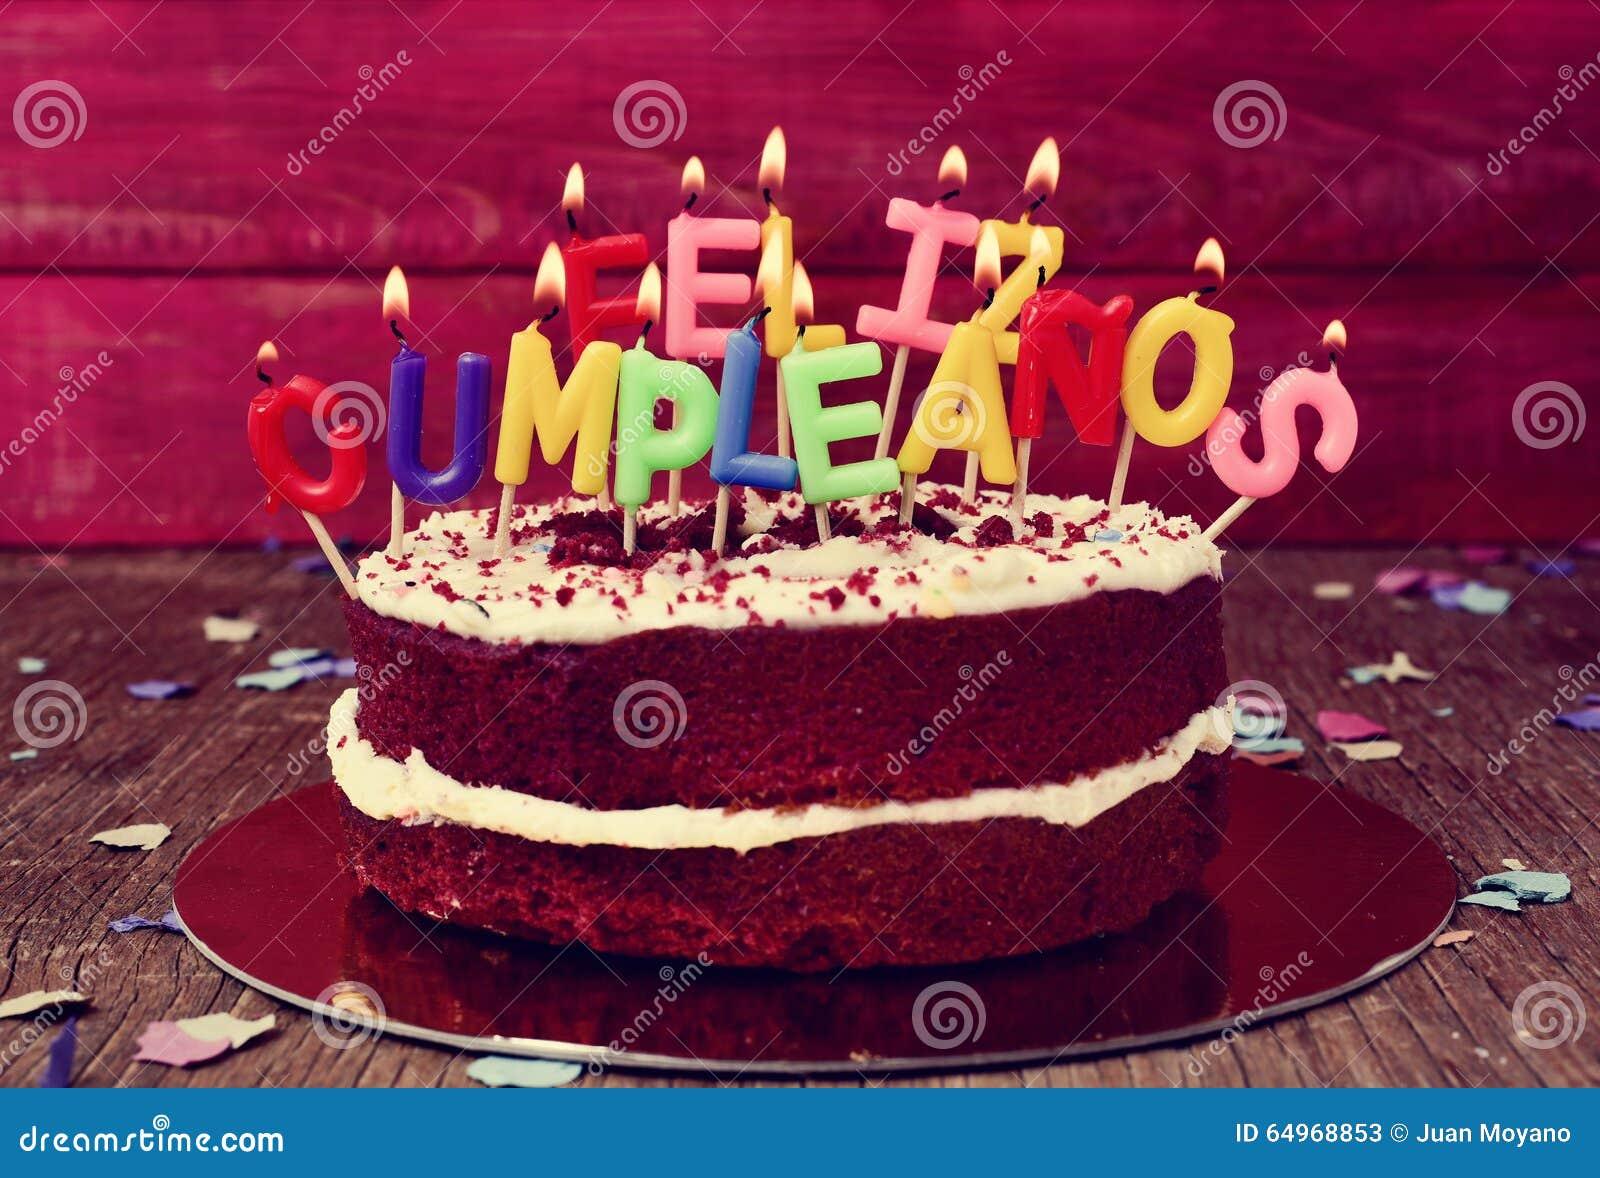 Feliz Cumpleanos Happy Birthday In Spanish Stock Image Image Of